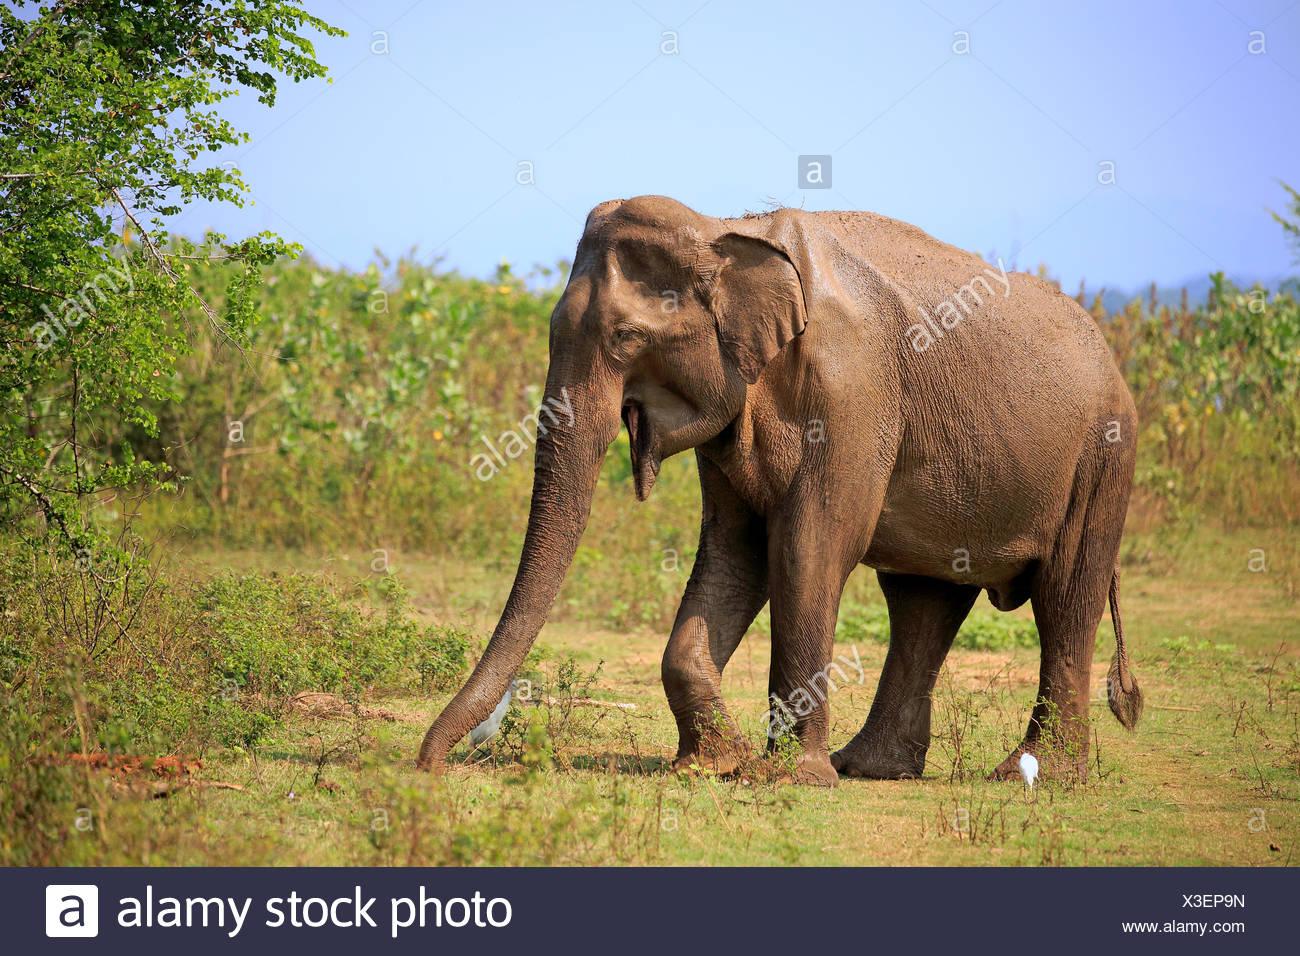 Sri Lankan elephant (Elephas maximus maximus), adult, male, foraging, Udawalawe National Park, Sri Lanka - Stock Image